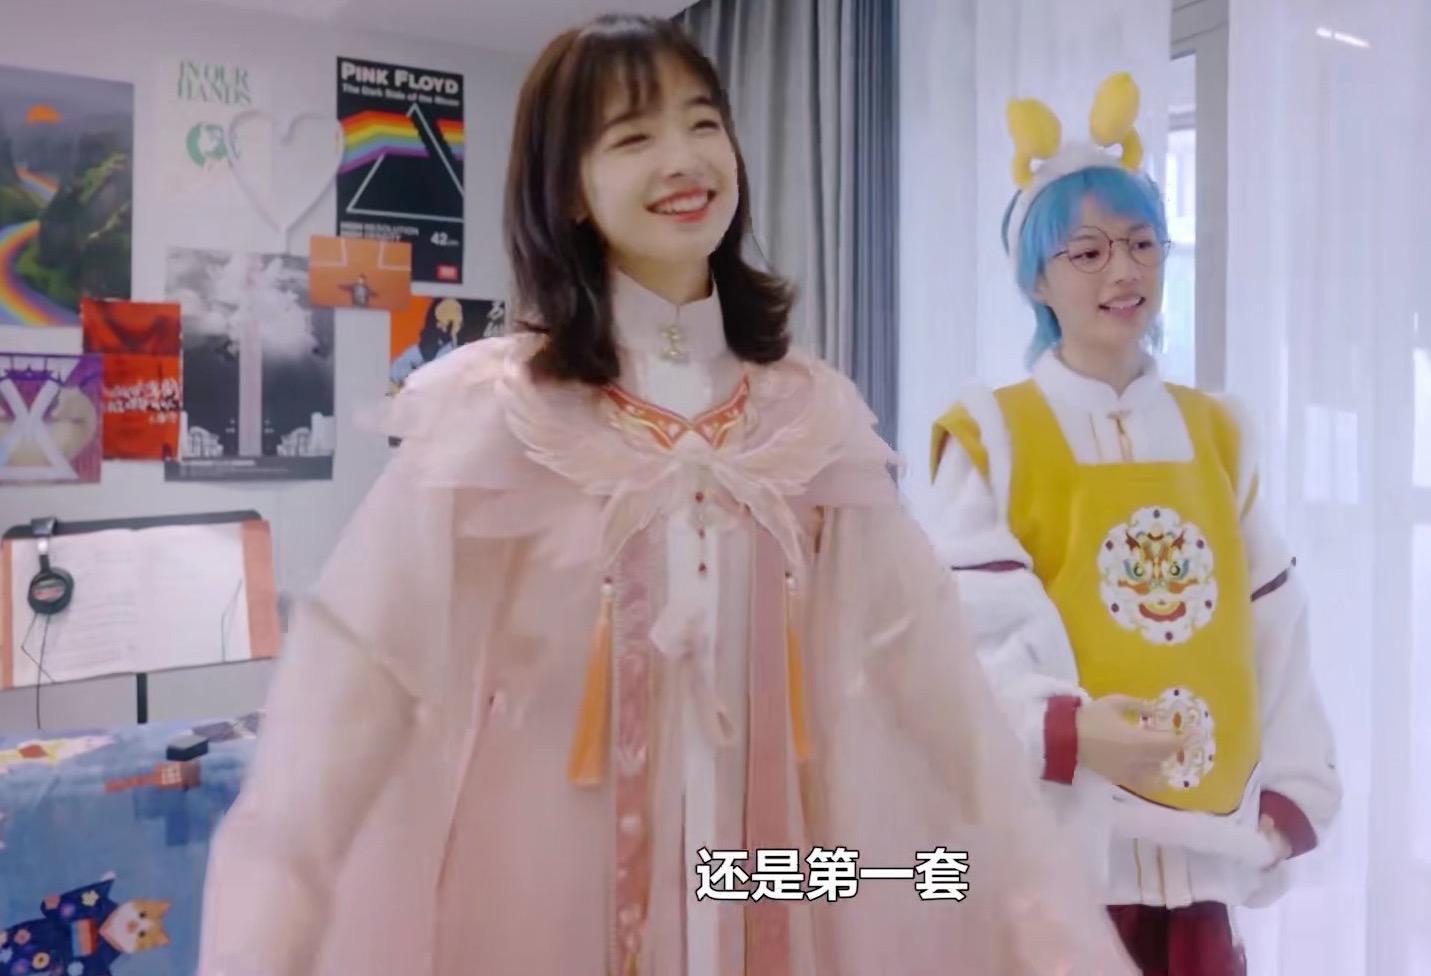 央视主持王冰冰汉服造型惊艳!穿白色刺绣汉服气质清纯,被夸绝美